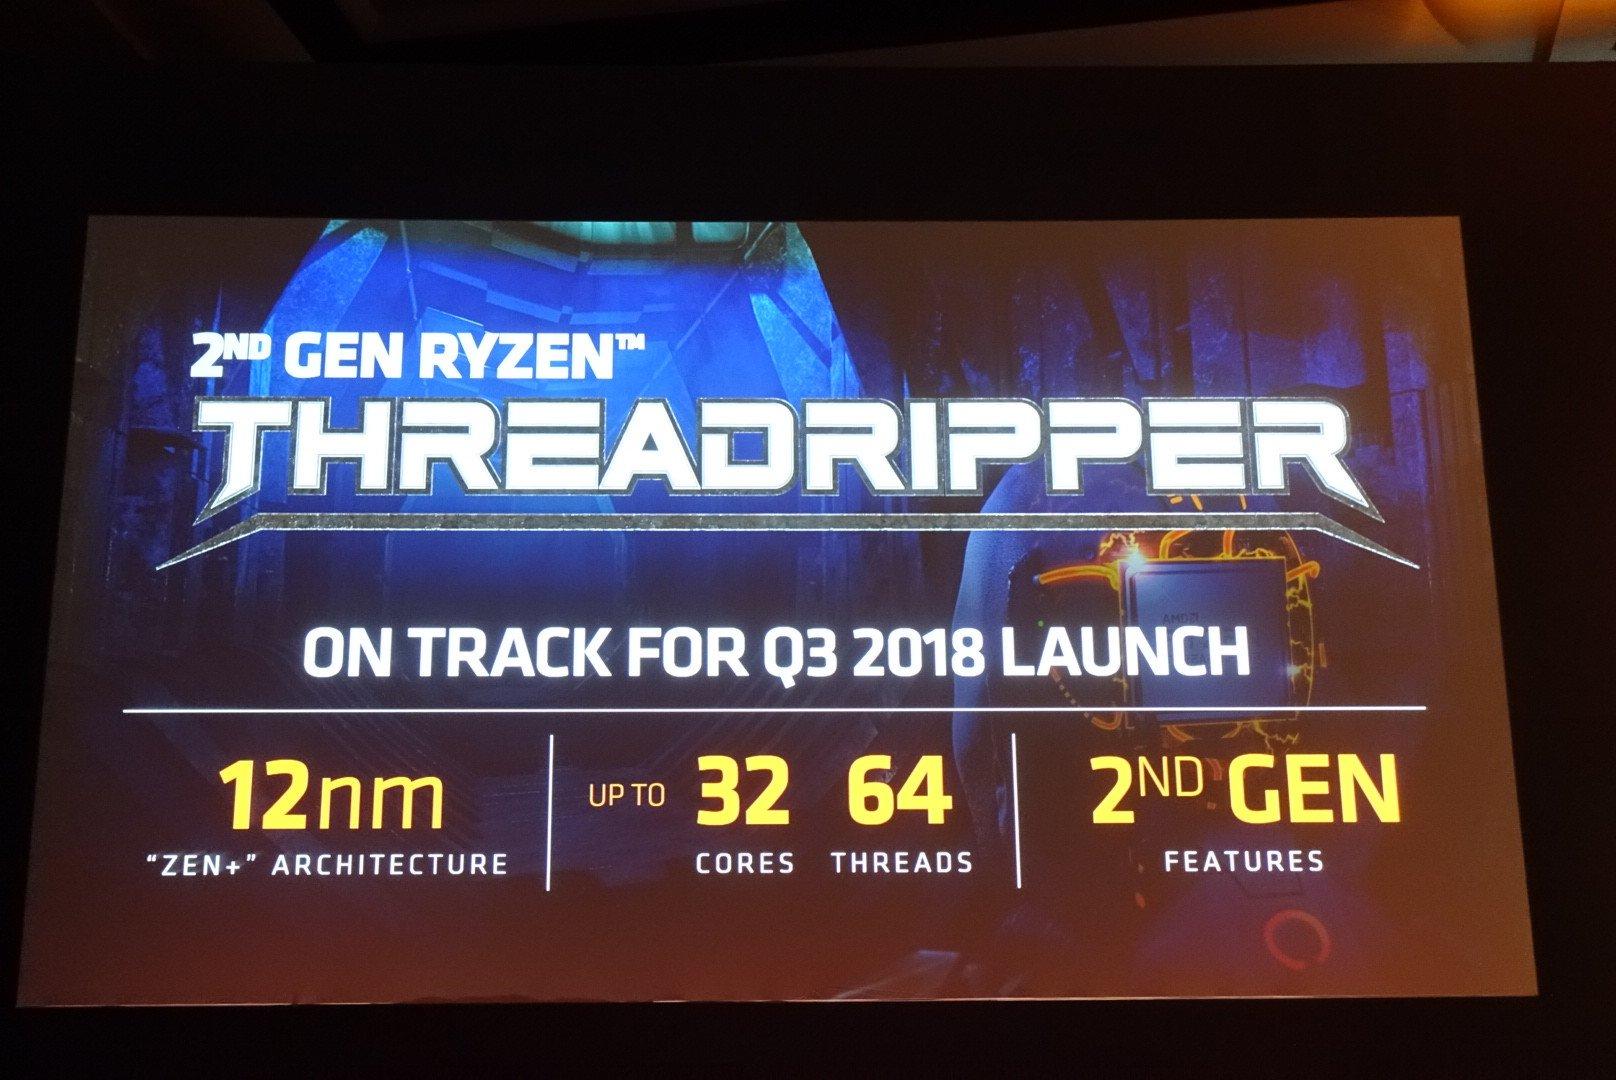 AMD anuncia Threadripper 2: 32 núcleos, 64 hilos, 250W TDP